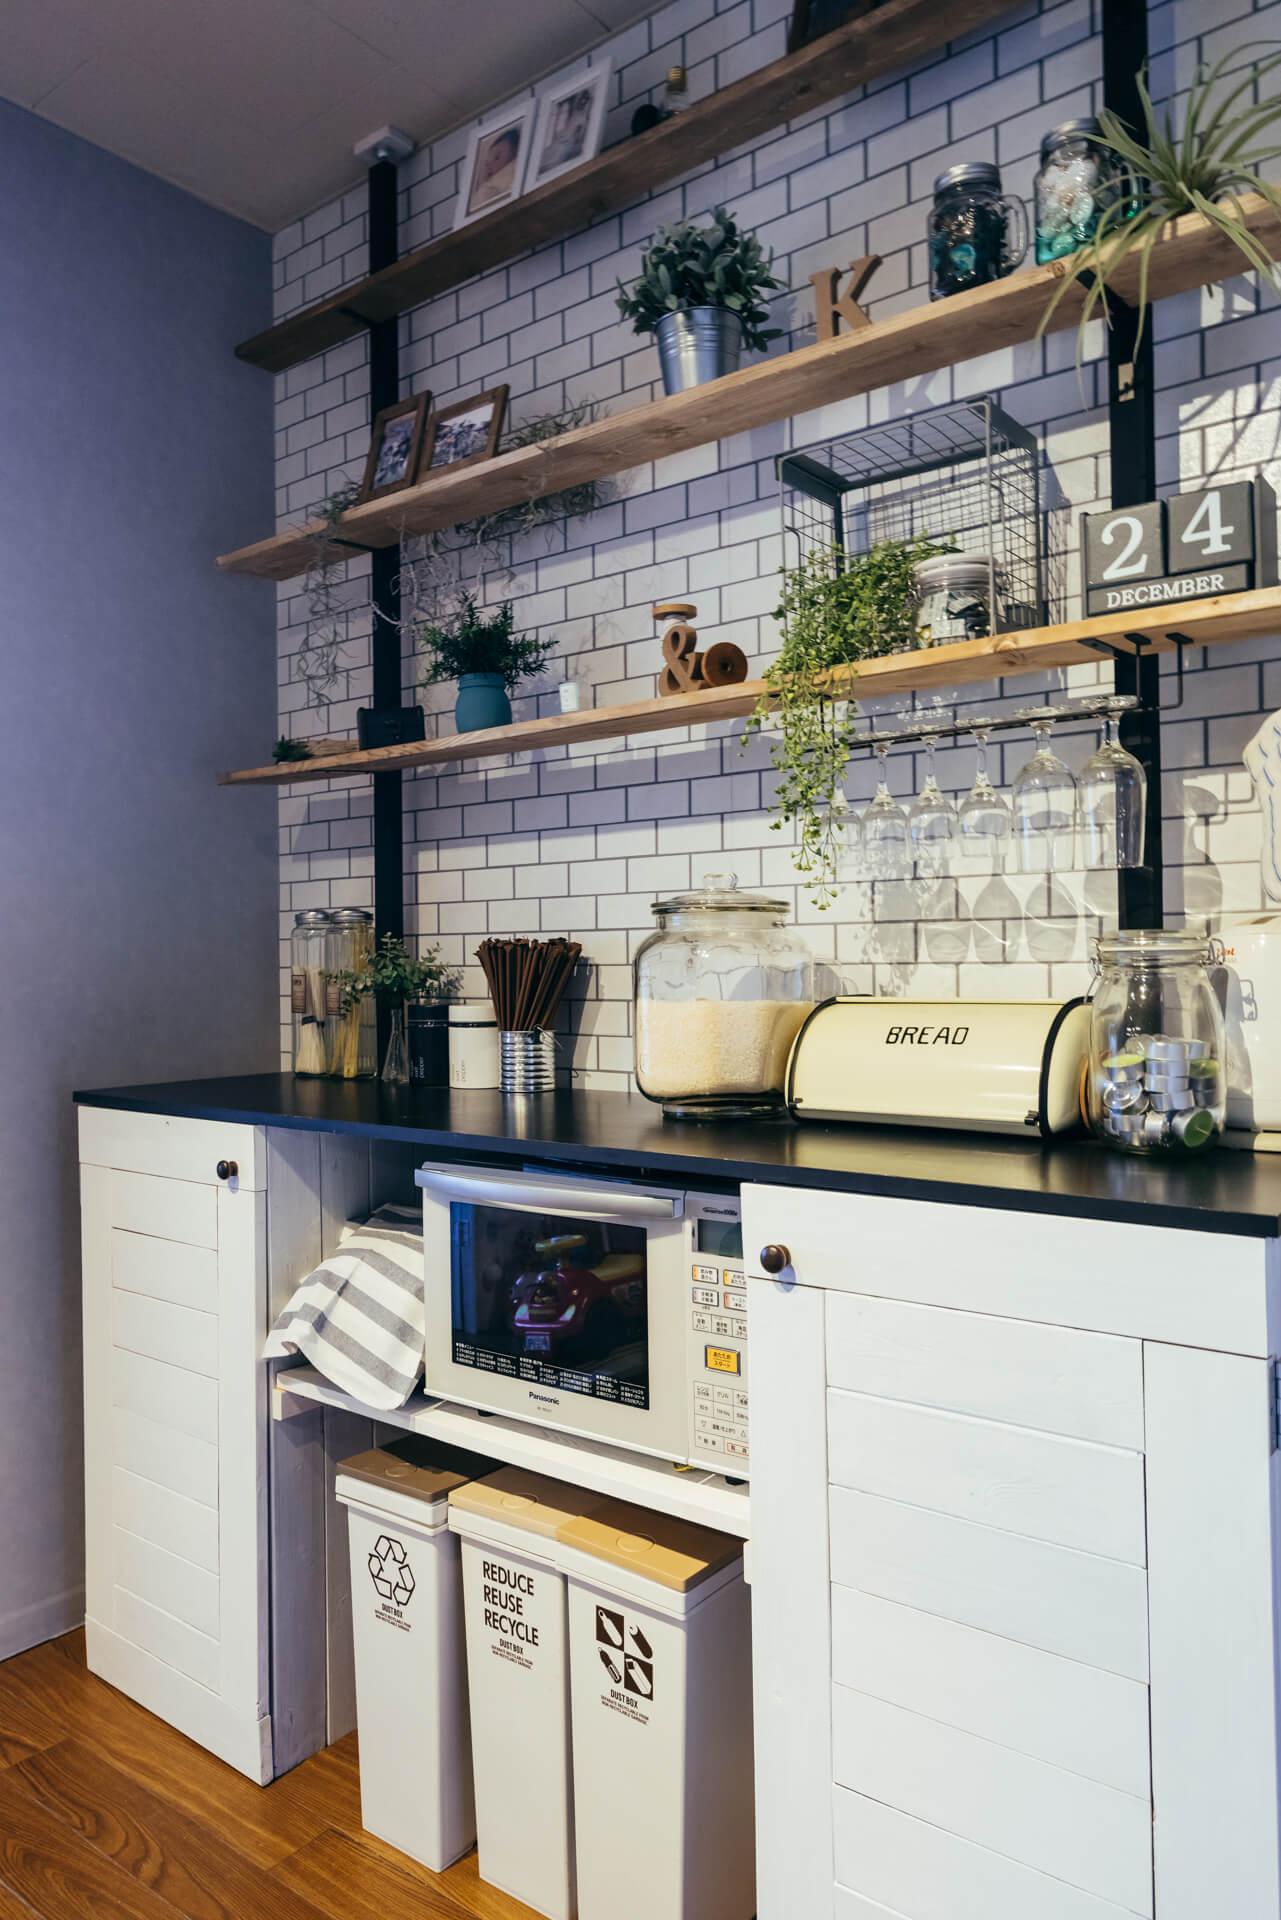 キッチン背面の壁には大きなオープンシェルフ。壁はキッチンとお揃いのサブウェイタイル柄ですっきりとみせています。